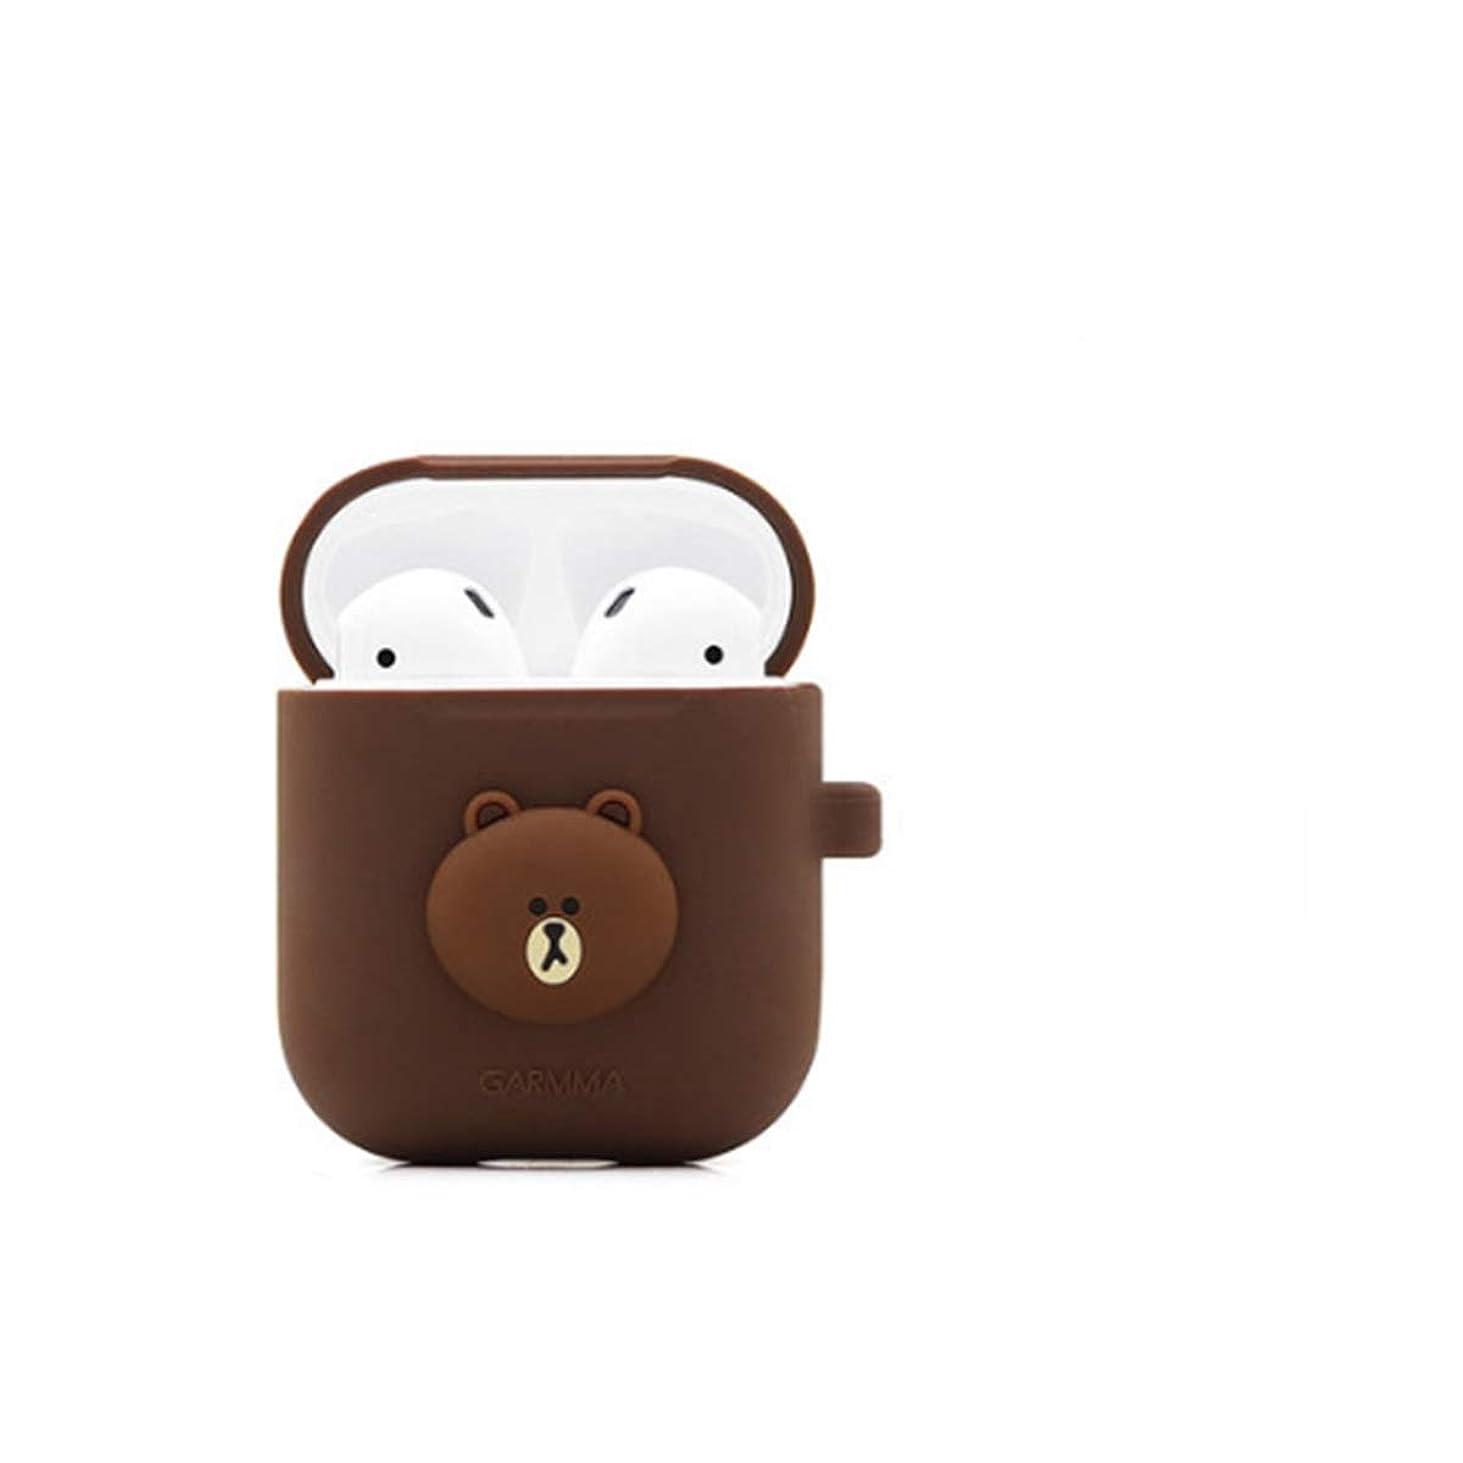 スピン体現するリベラル8HAOWENJU Airpods2ヘッドセットセット、かわいい漫画のワイヤレスBluetoothヘッドセットハードシェルに適用可能 (Color : Brown)